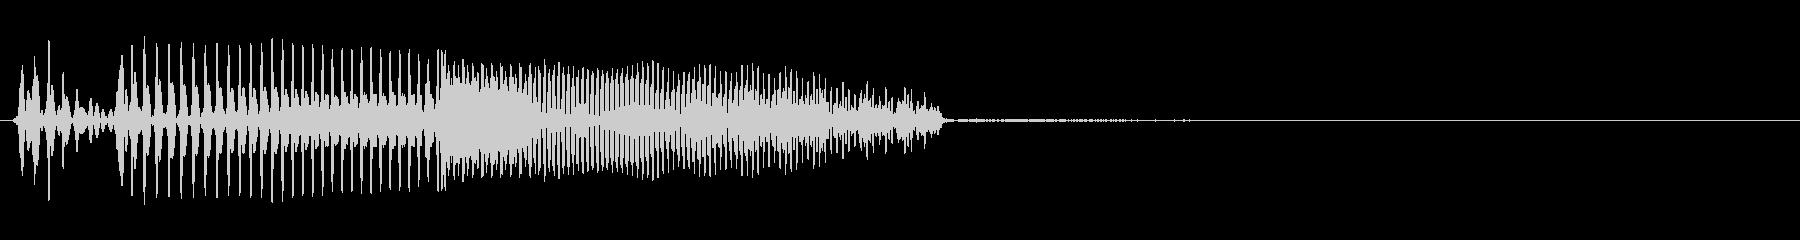 エレクトリックベース:ショートアク...の未再生の波形